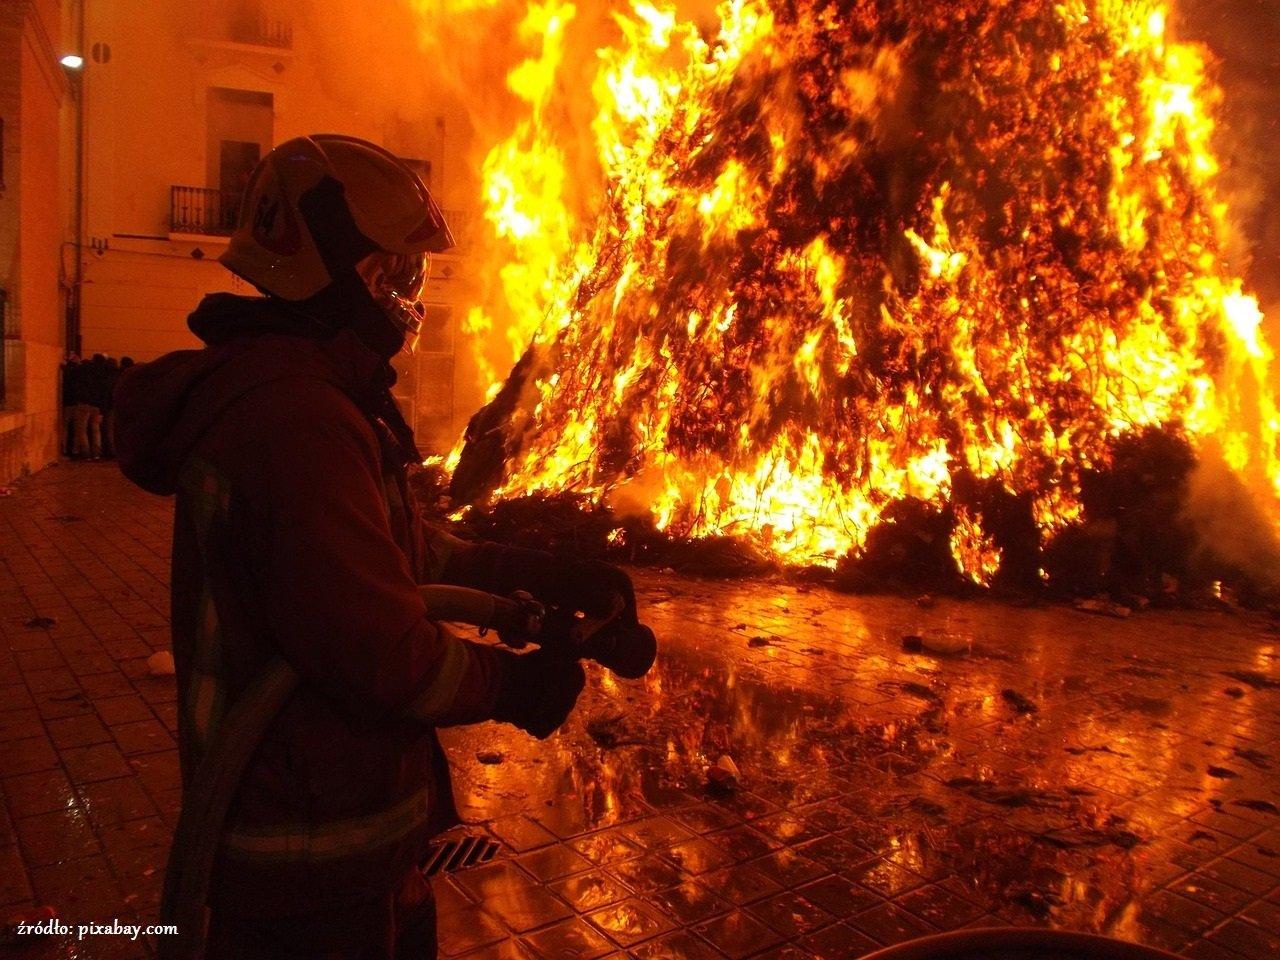 Ochrona przeciwpożarowa, która jest przyjazna dla środowiska